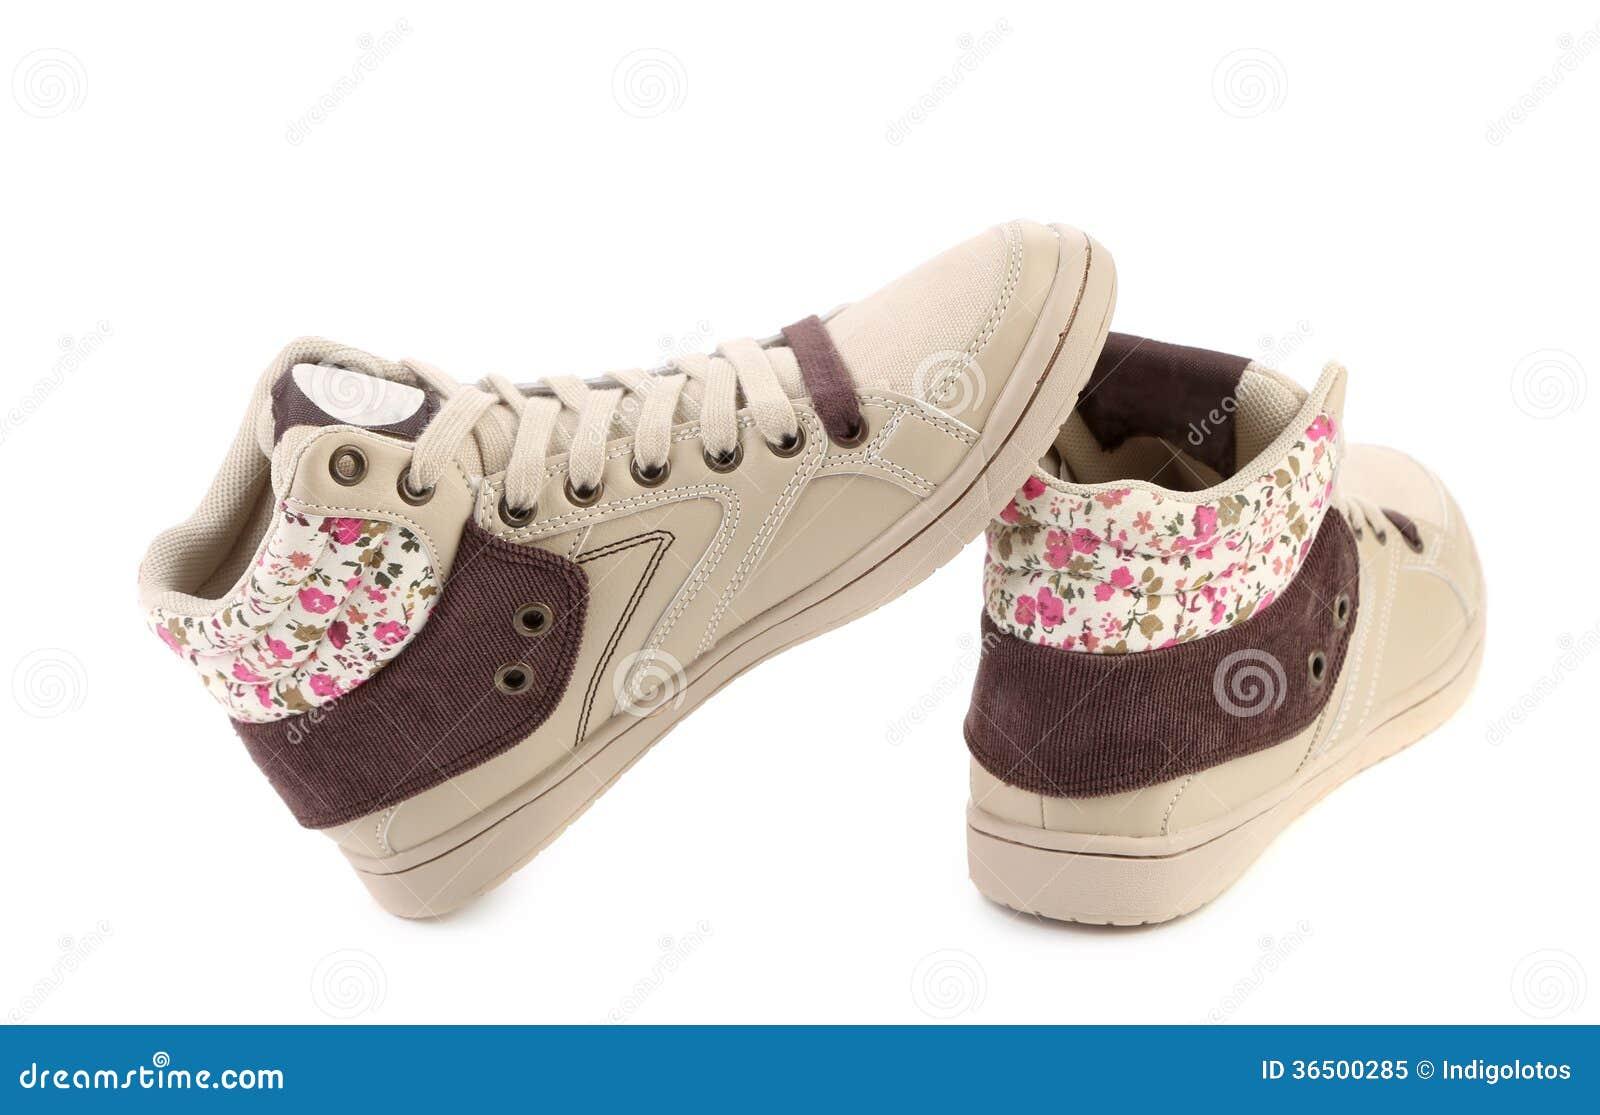 Chaussures modernes pour des filles.